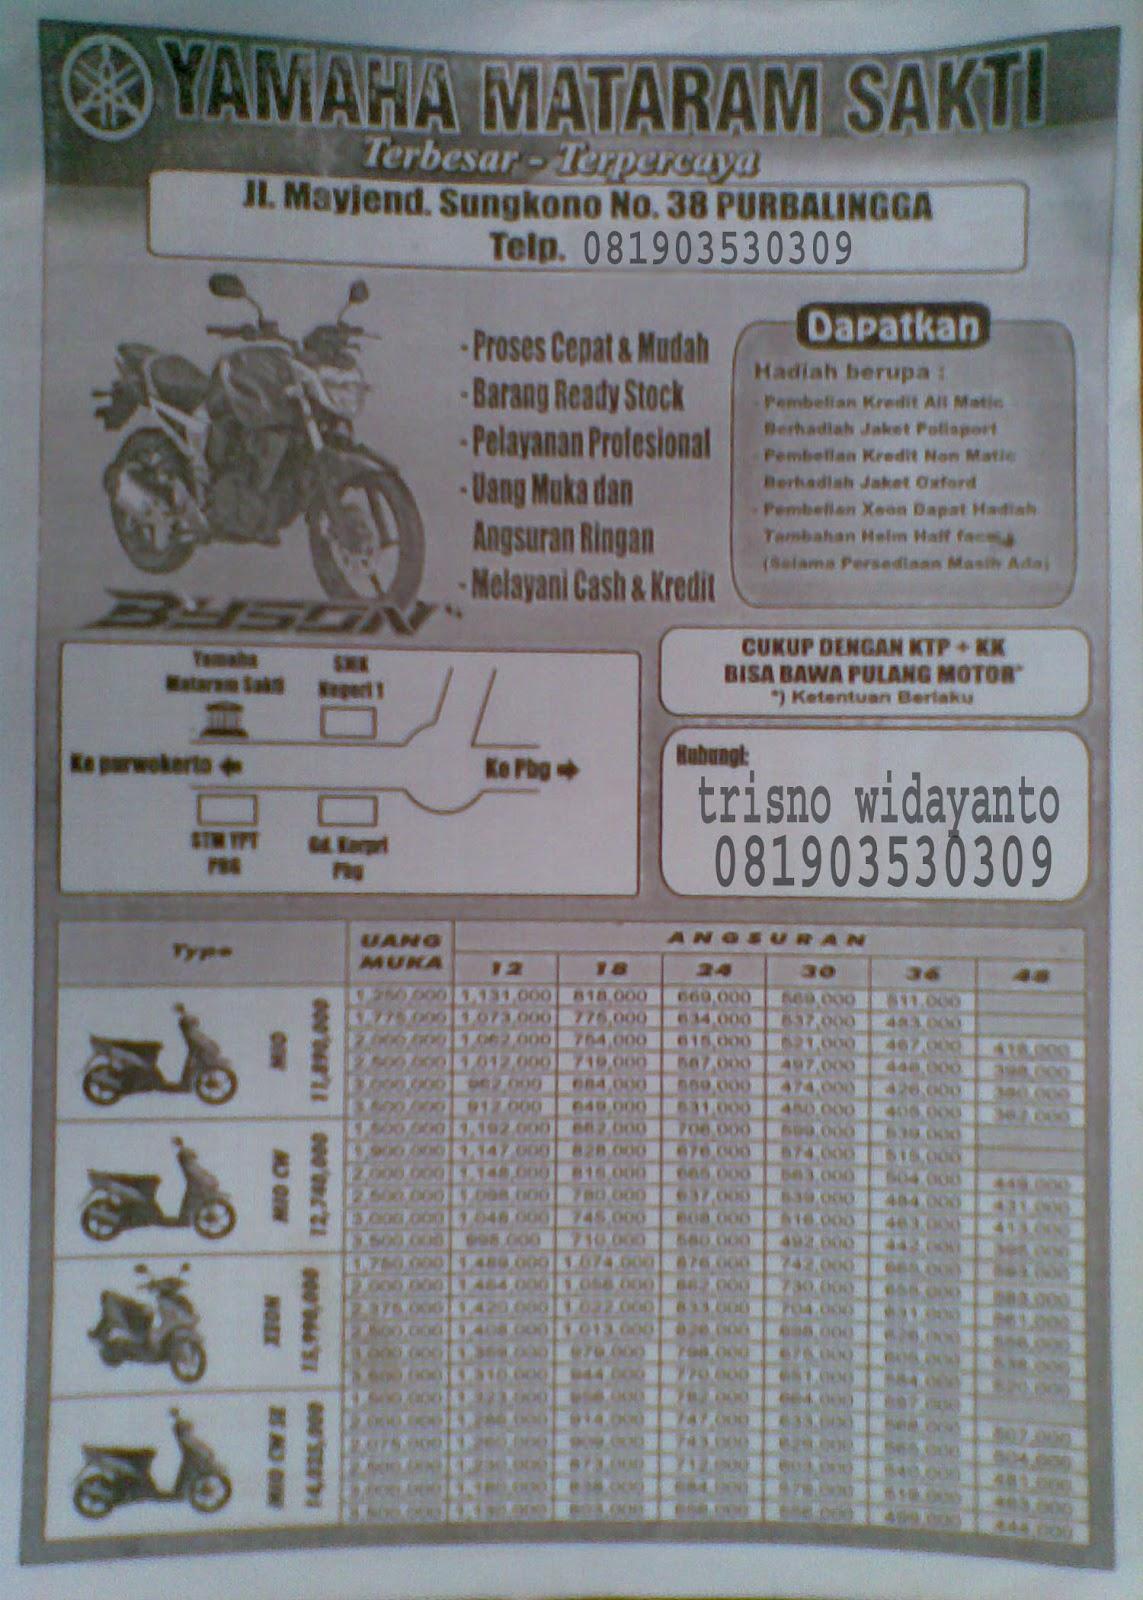 CARA KREDIT MOTOR DI YAMAHA MOTOR PURBALINGGA UPDATE TERBARU